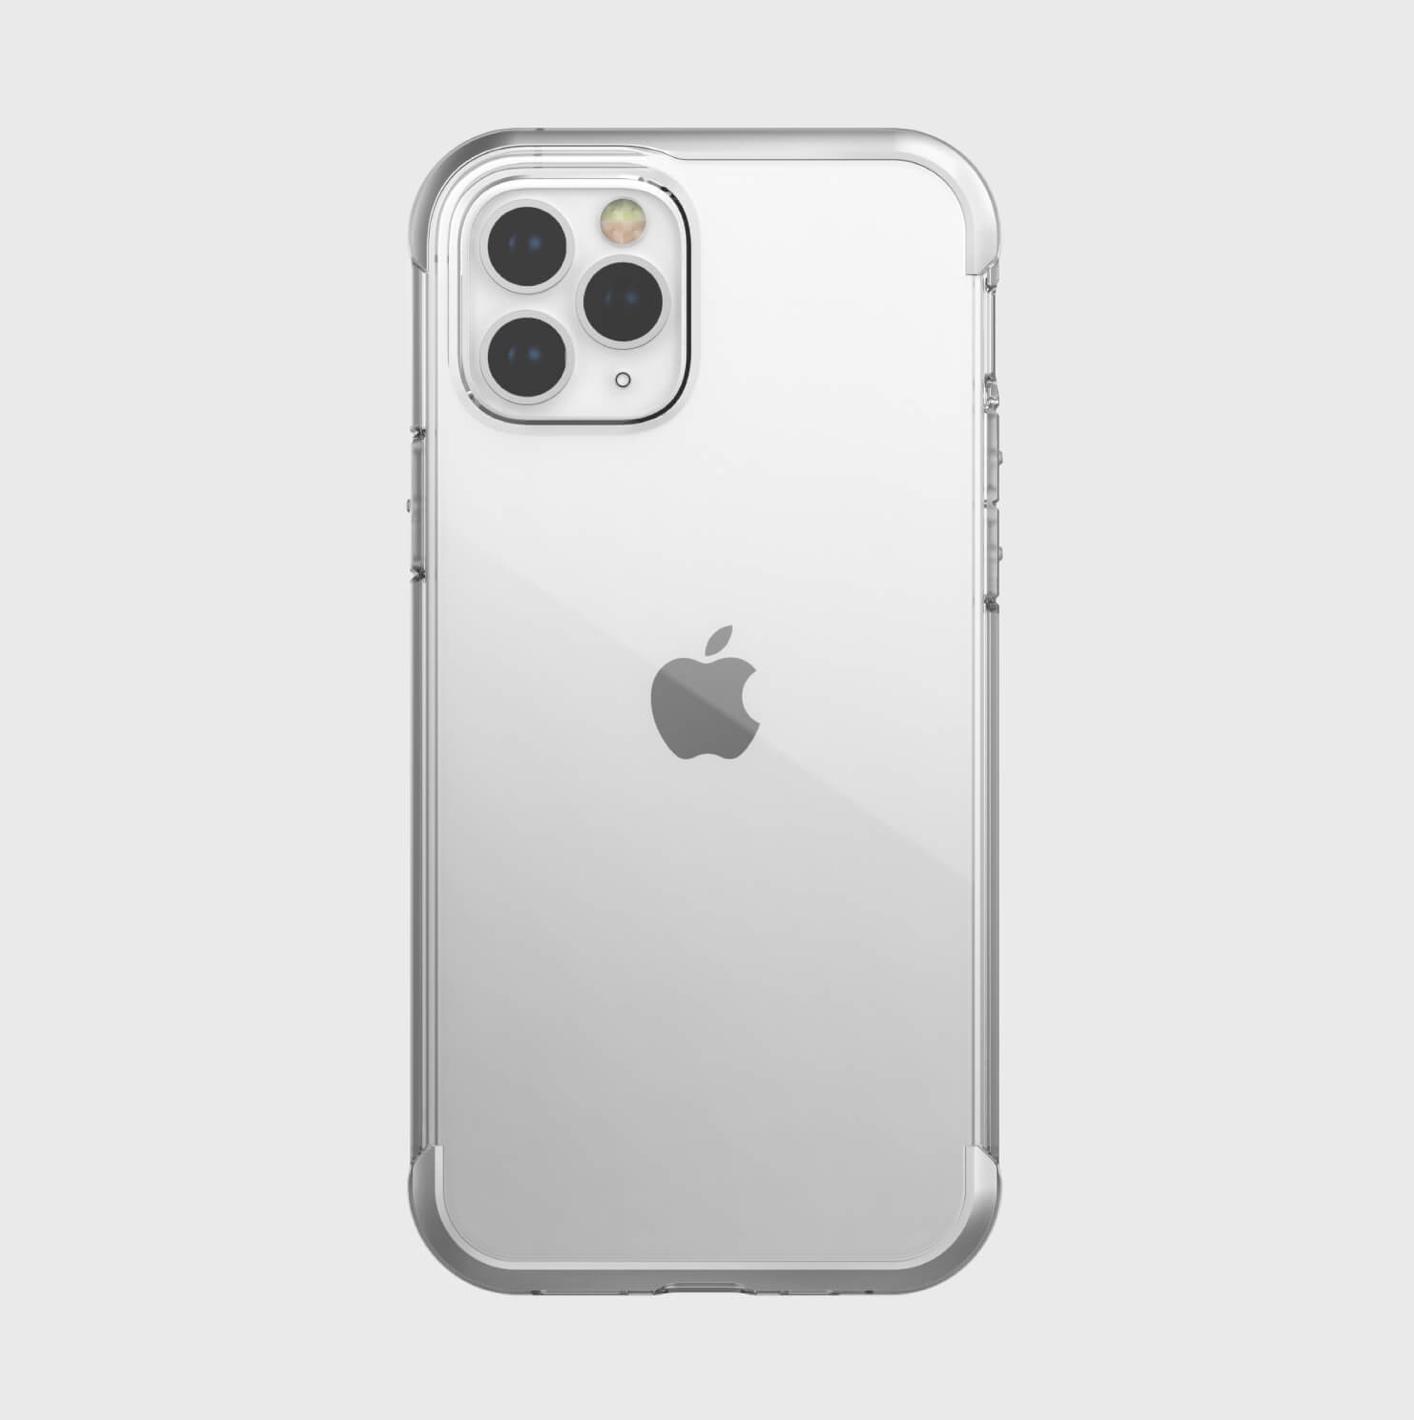 Estuche XDORIA Raptic Air Transparente - IPHONE 12 MINI 5.4